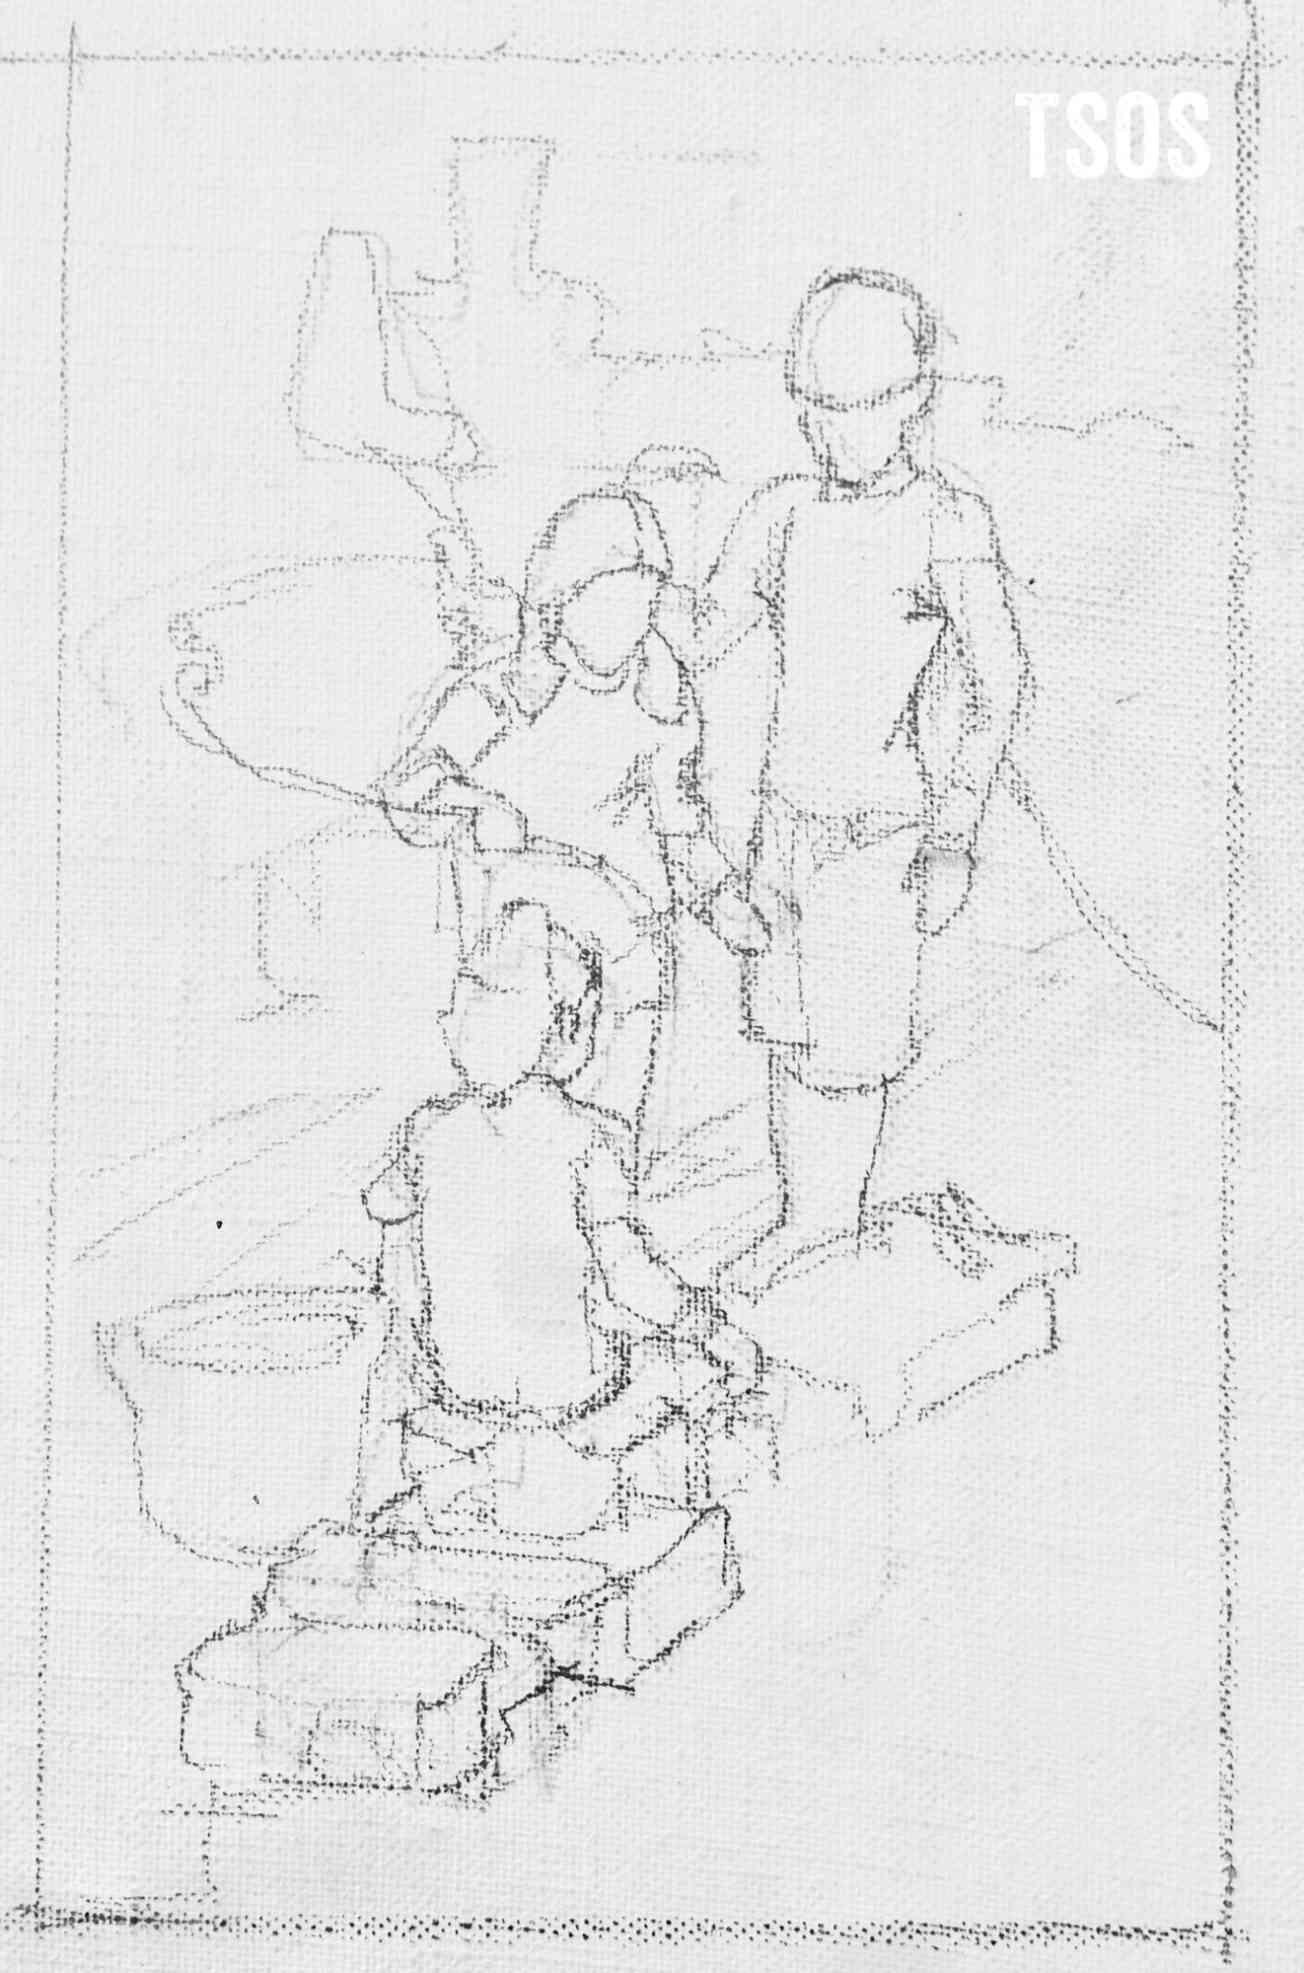 Running Water Sketch Wm